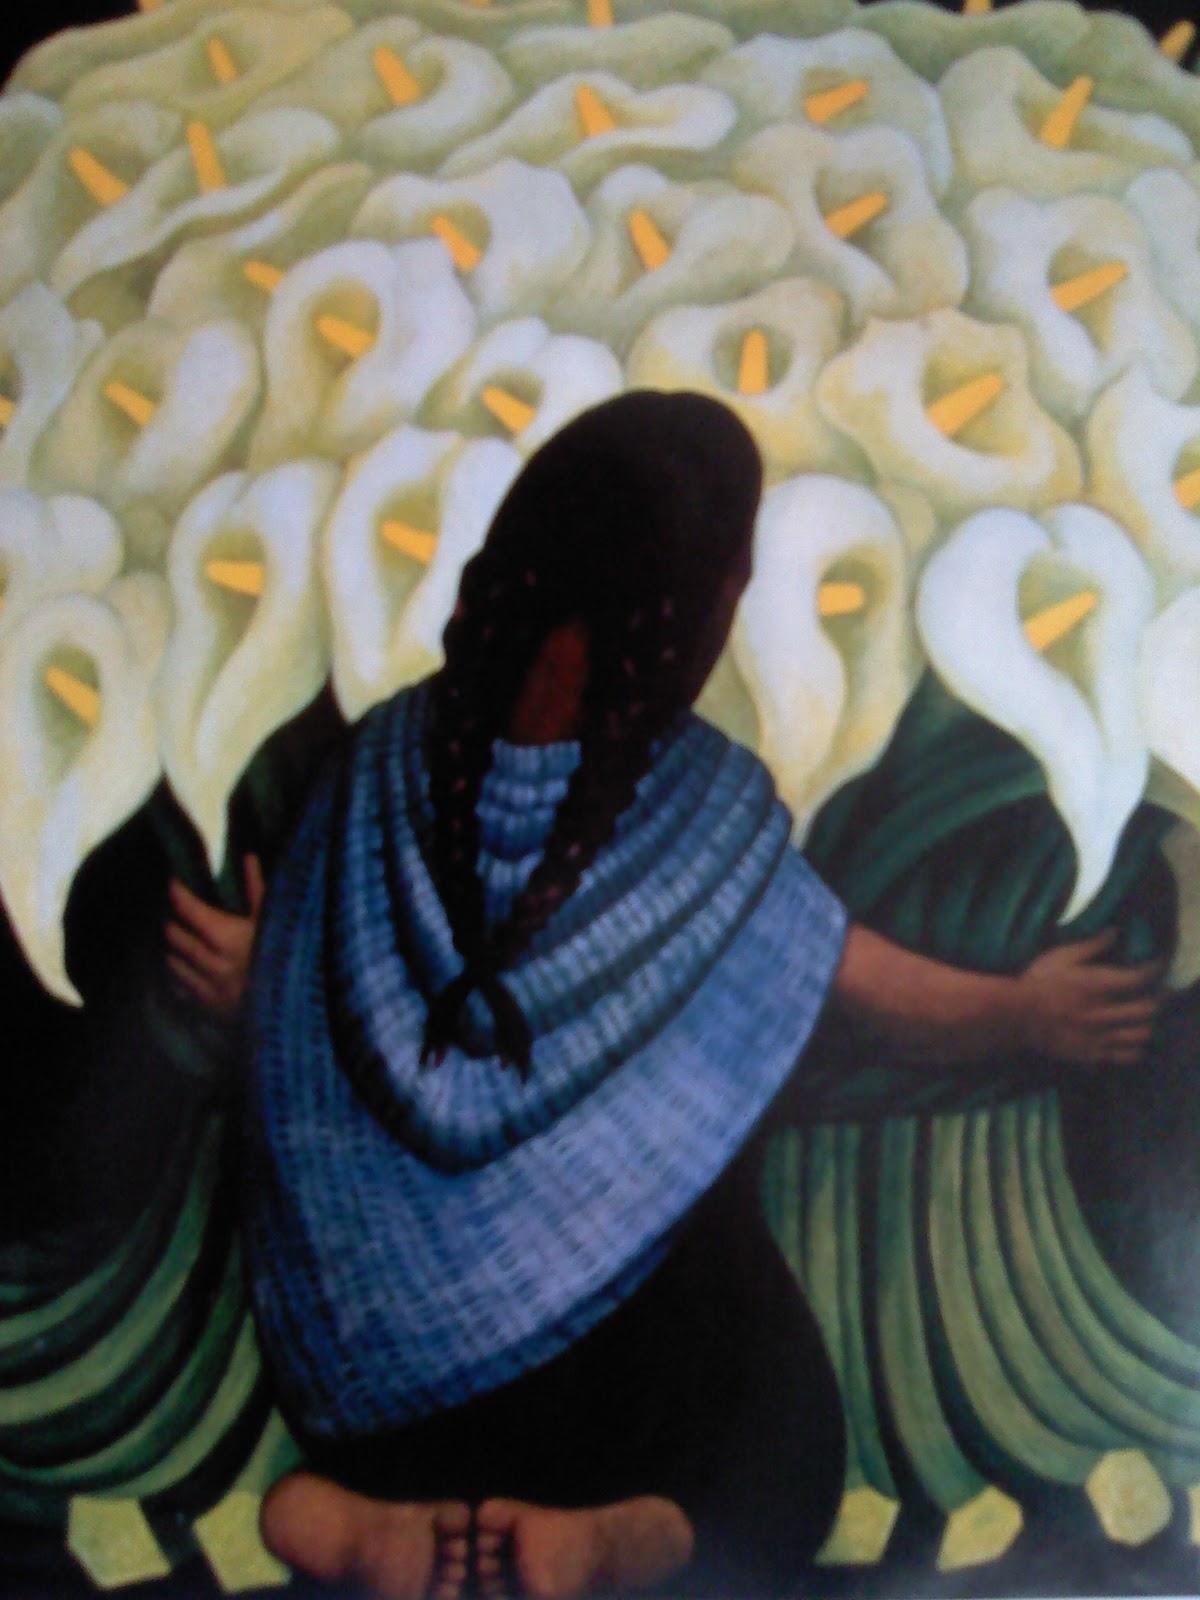 titulo vendedora de alcatraces 1942 autor diego maria de la concepcion